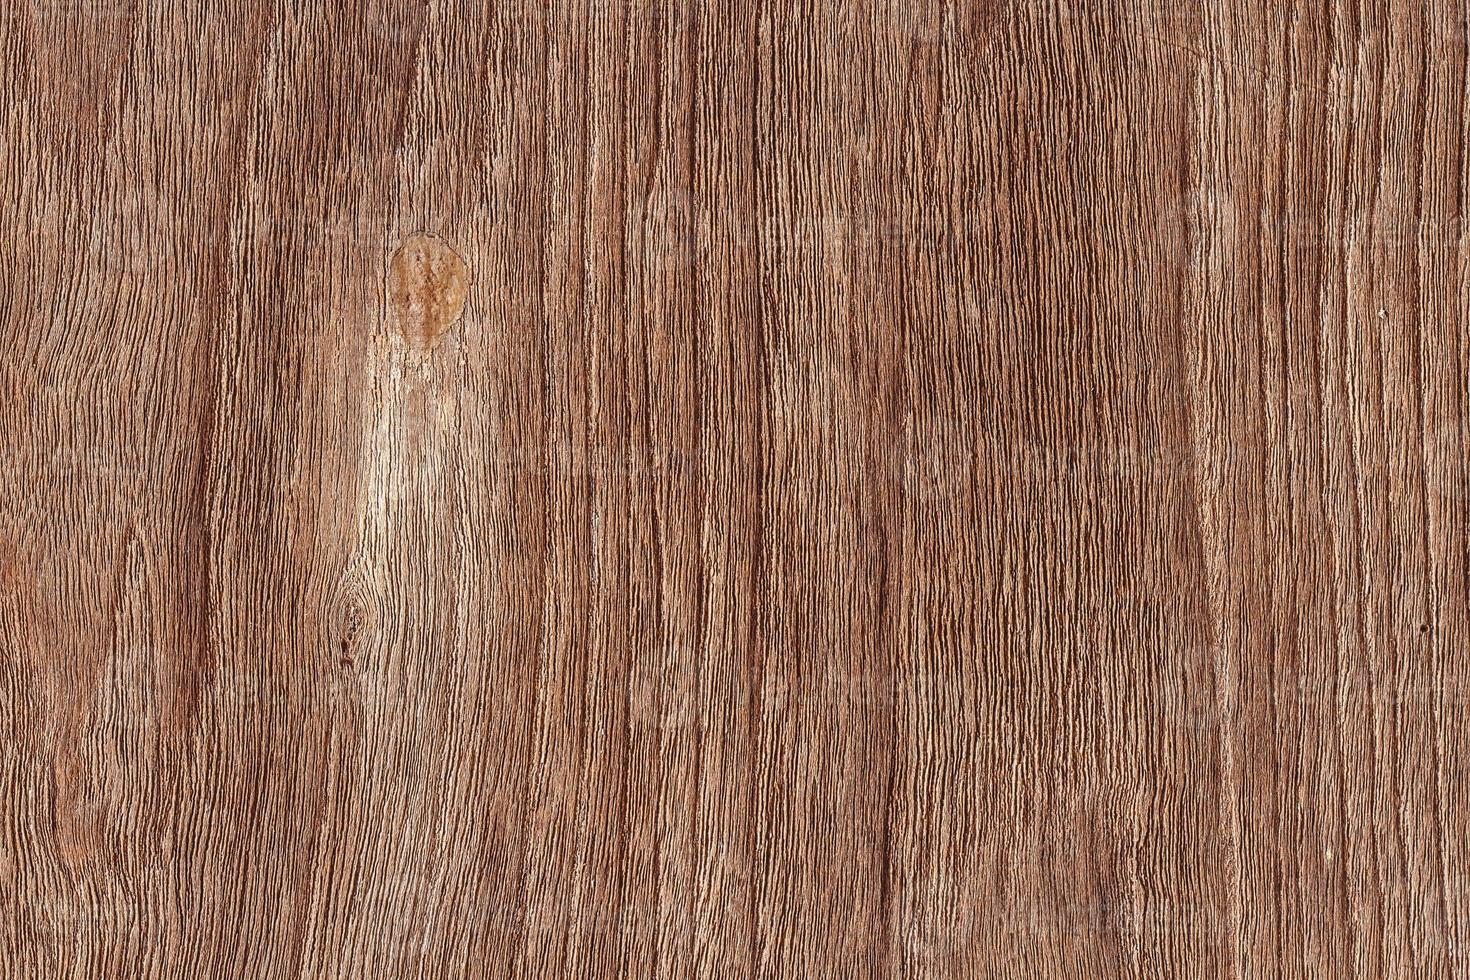 texture du bois / fond de texture du bois photo